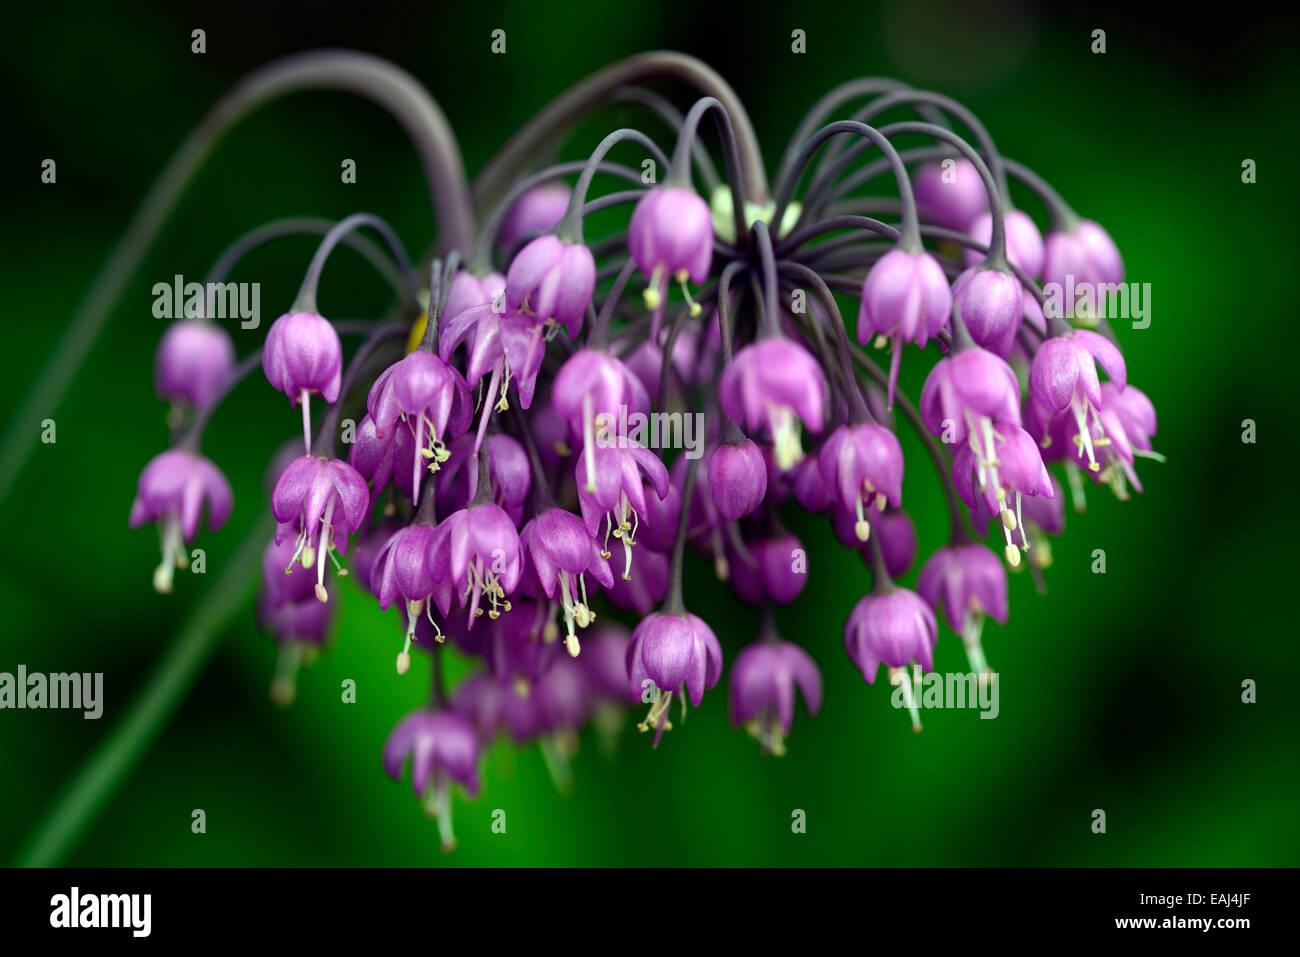 Allium cernuum purple flower flowers flowering nodding onions ladys allium cernuum purple flower flowers flowering nodding onions ladys leek bulbs pink wild onion wild rm floral mightylinksfo